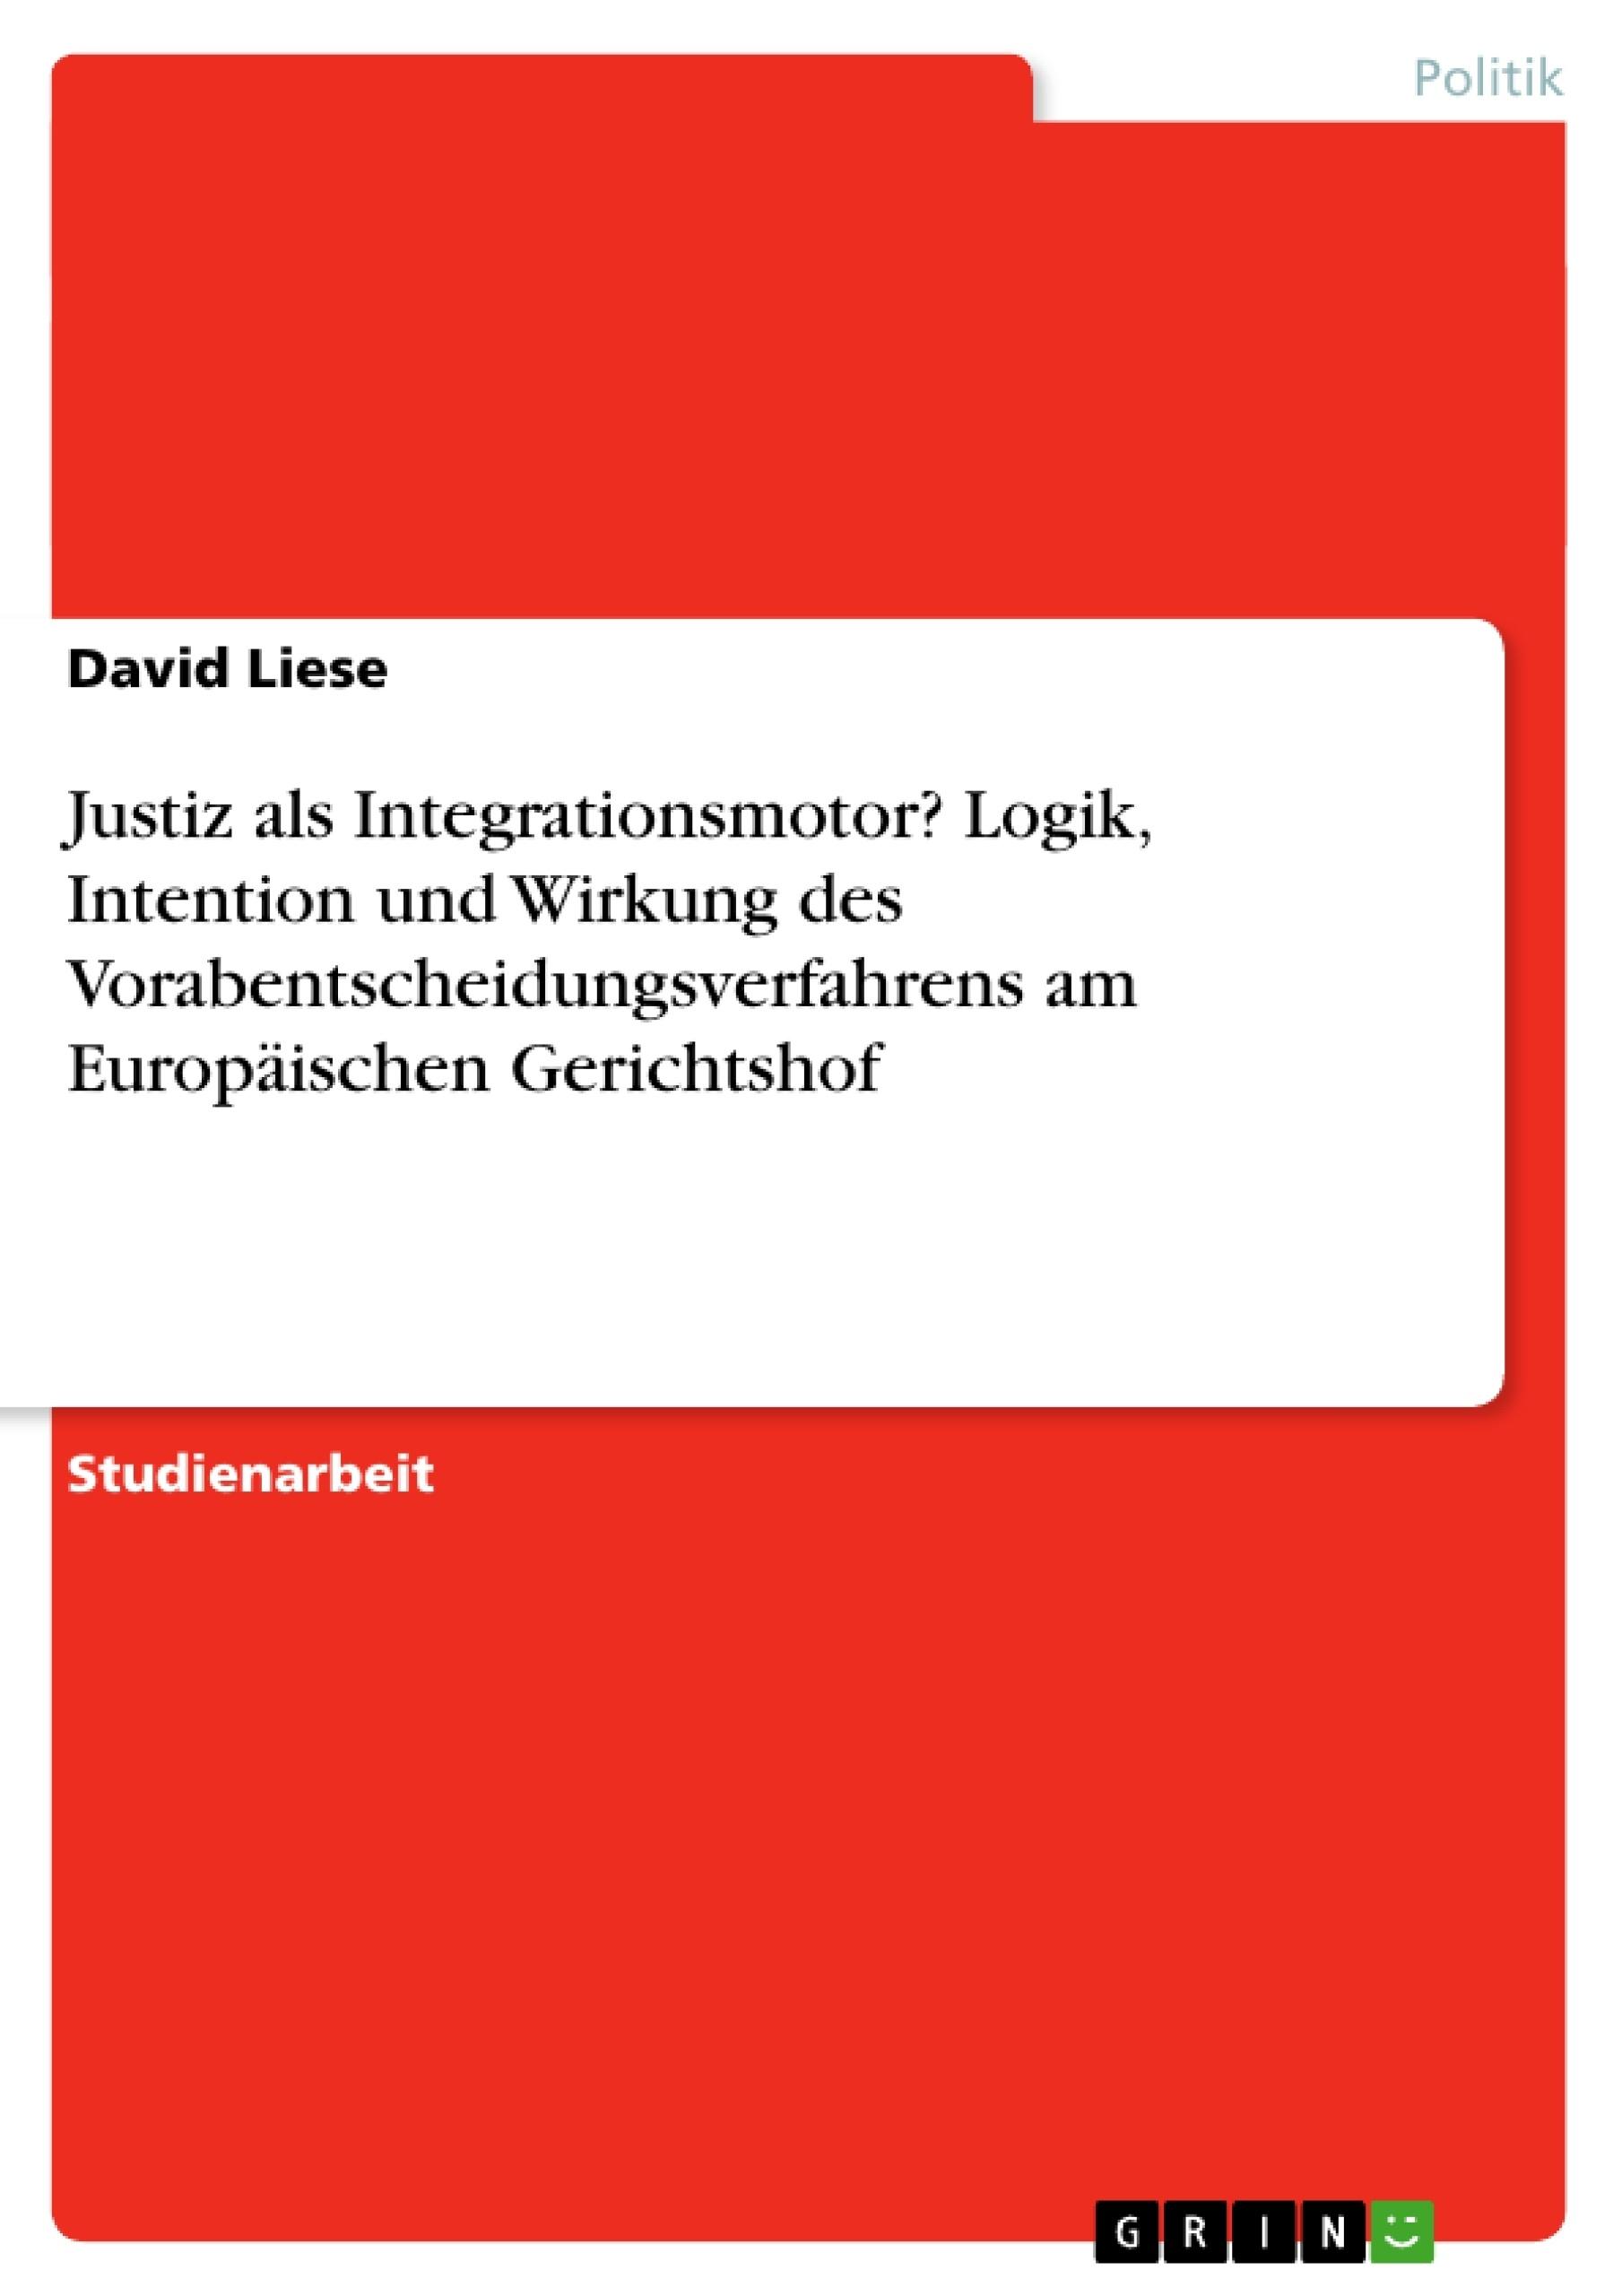 Titel: Justiz als Integrationsmotor? Logik, Intention und Wirkung des Vorabentscheidungsverfahrens am Europäischen Gerichtshof